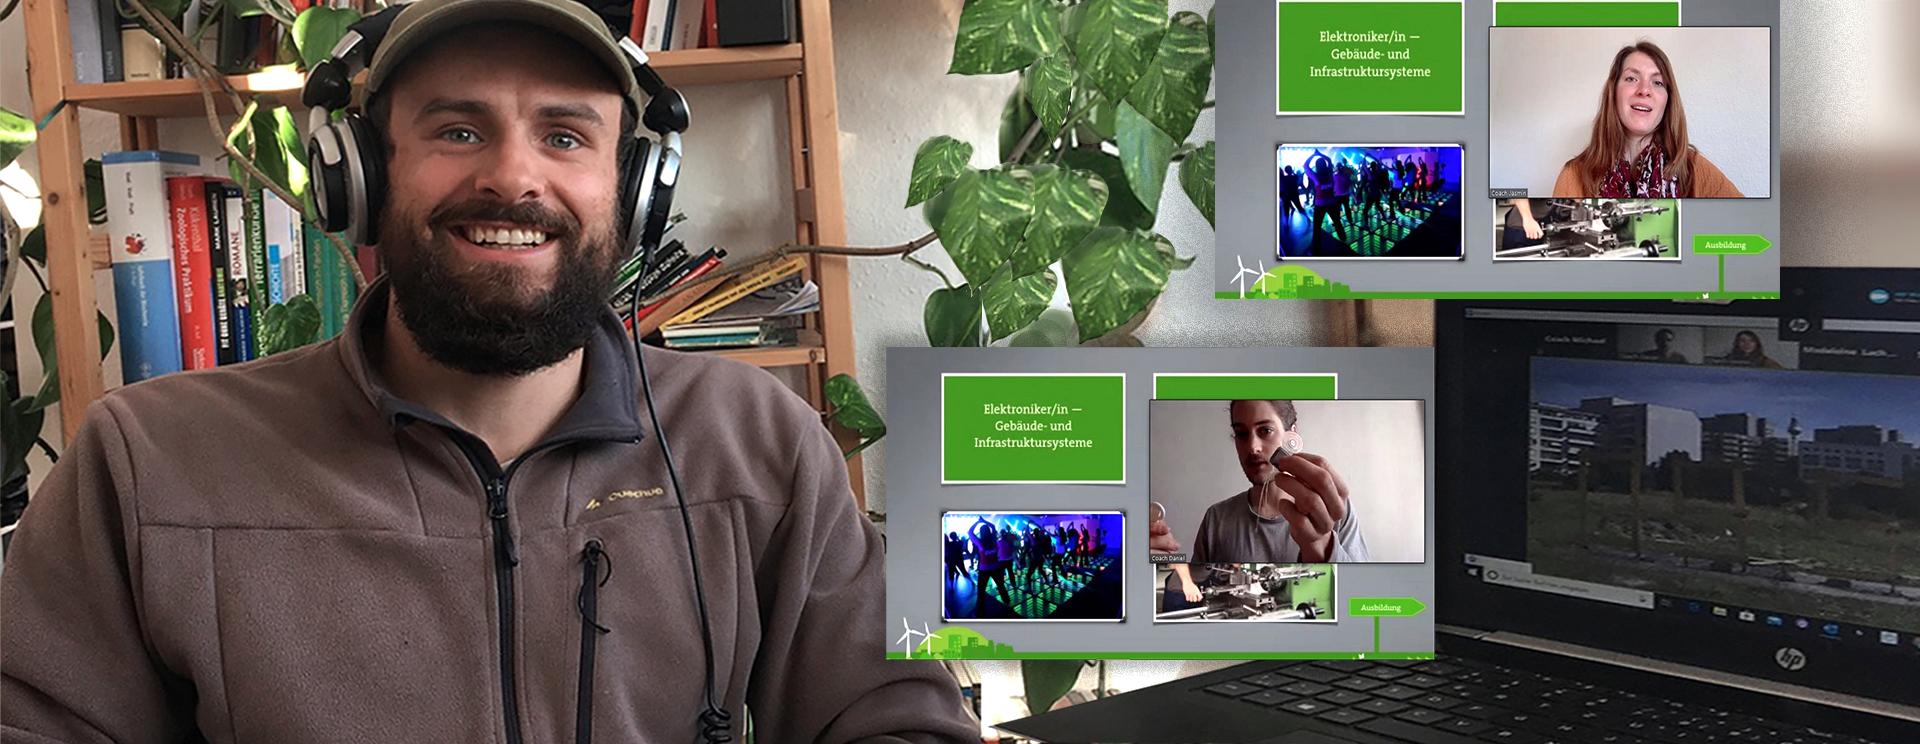 Digital statt vor Ort: FLAD & FLAD entwickelt, ausgelöst durch die Corona-Krise, Webinare für Bildungsinitiative